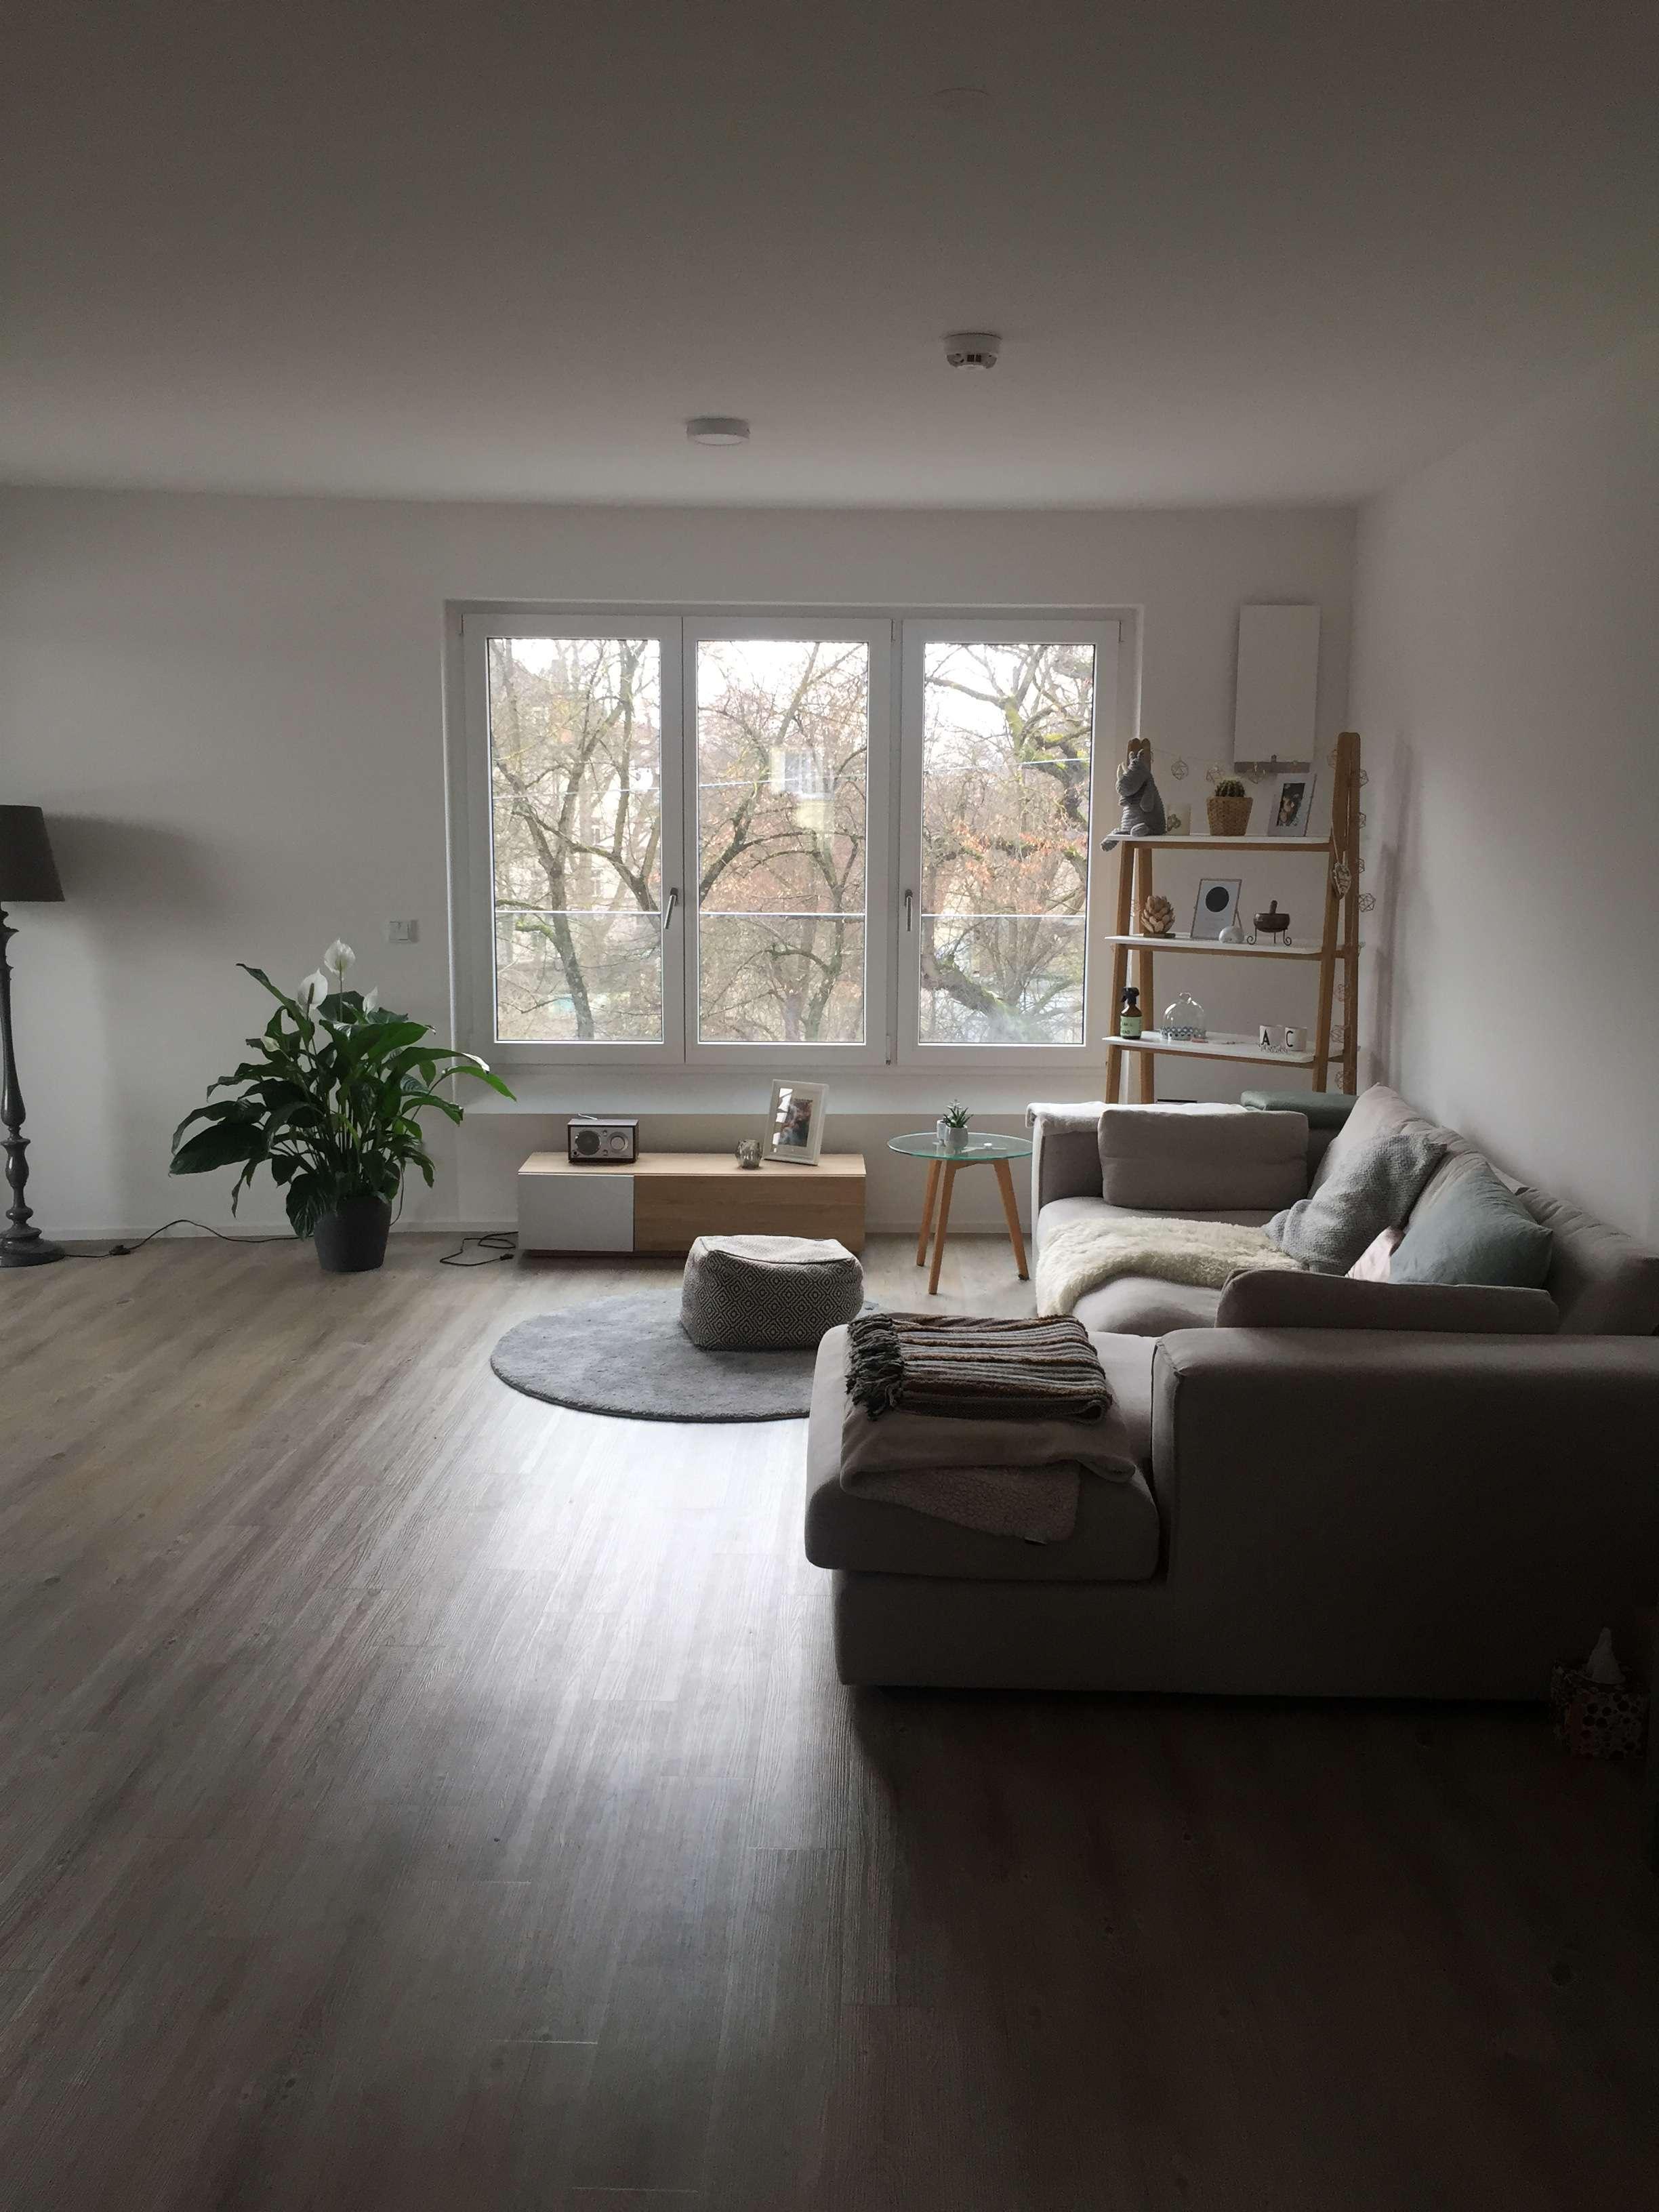 Tolles Stadt-Apartment 1,5-Zimmer mit Traum-Einbauküche und Balkon in Augsburg-Innenstadt